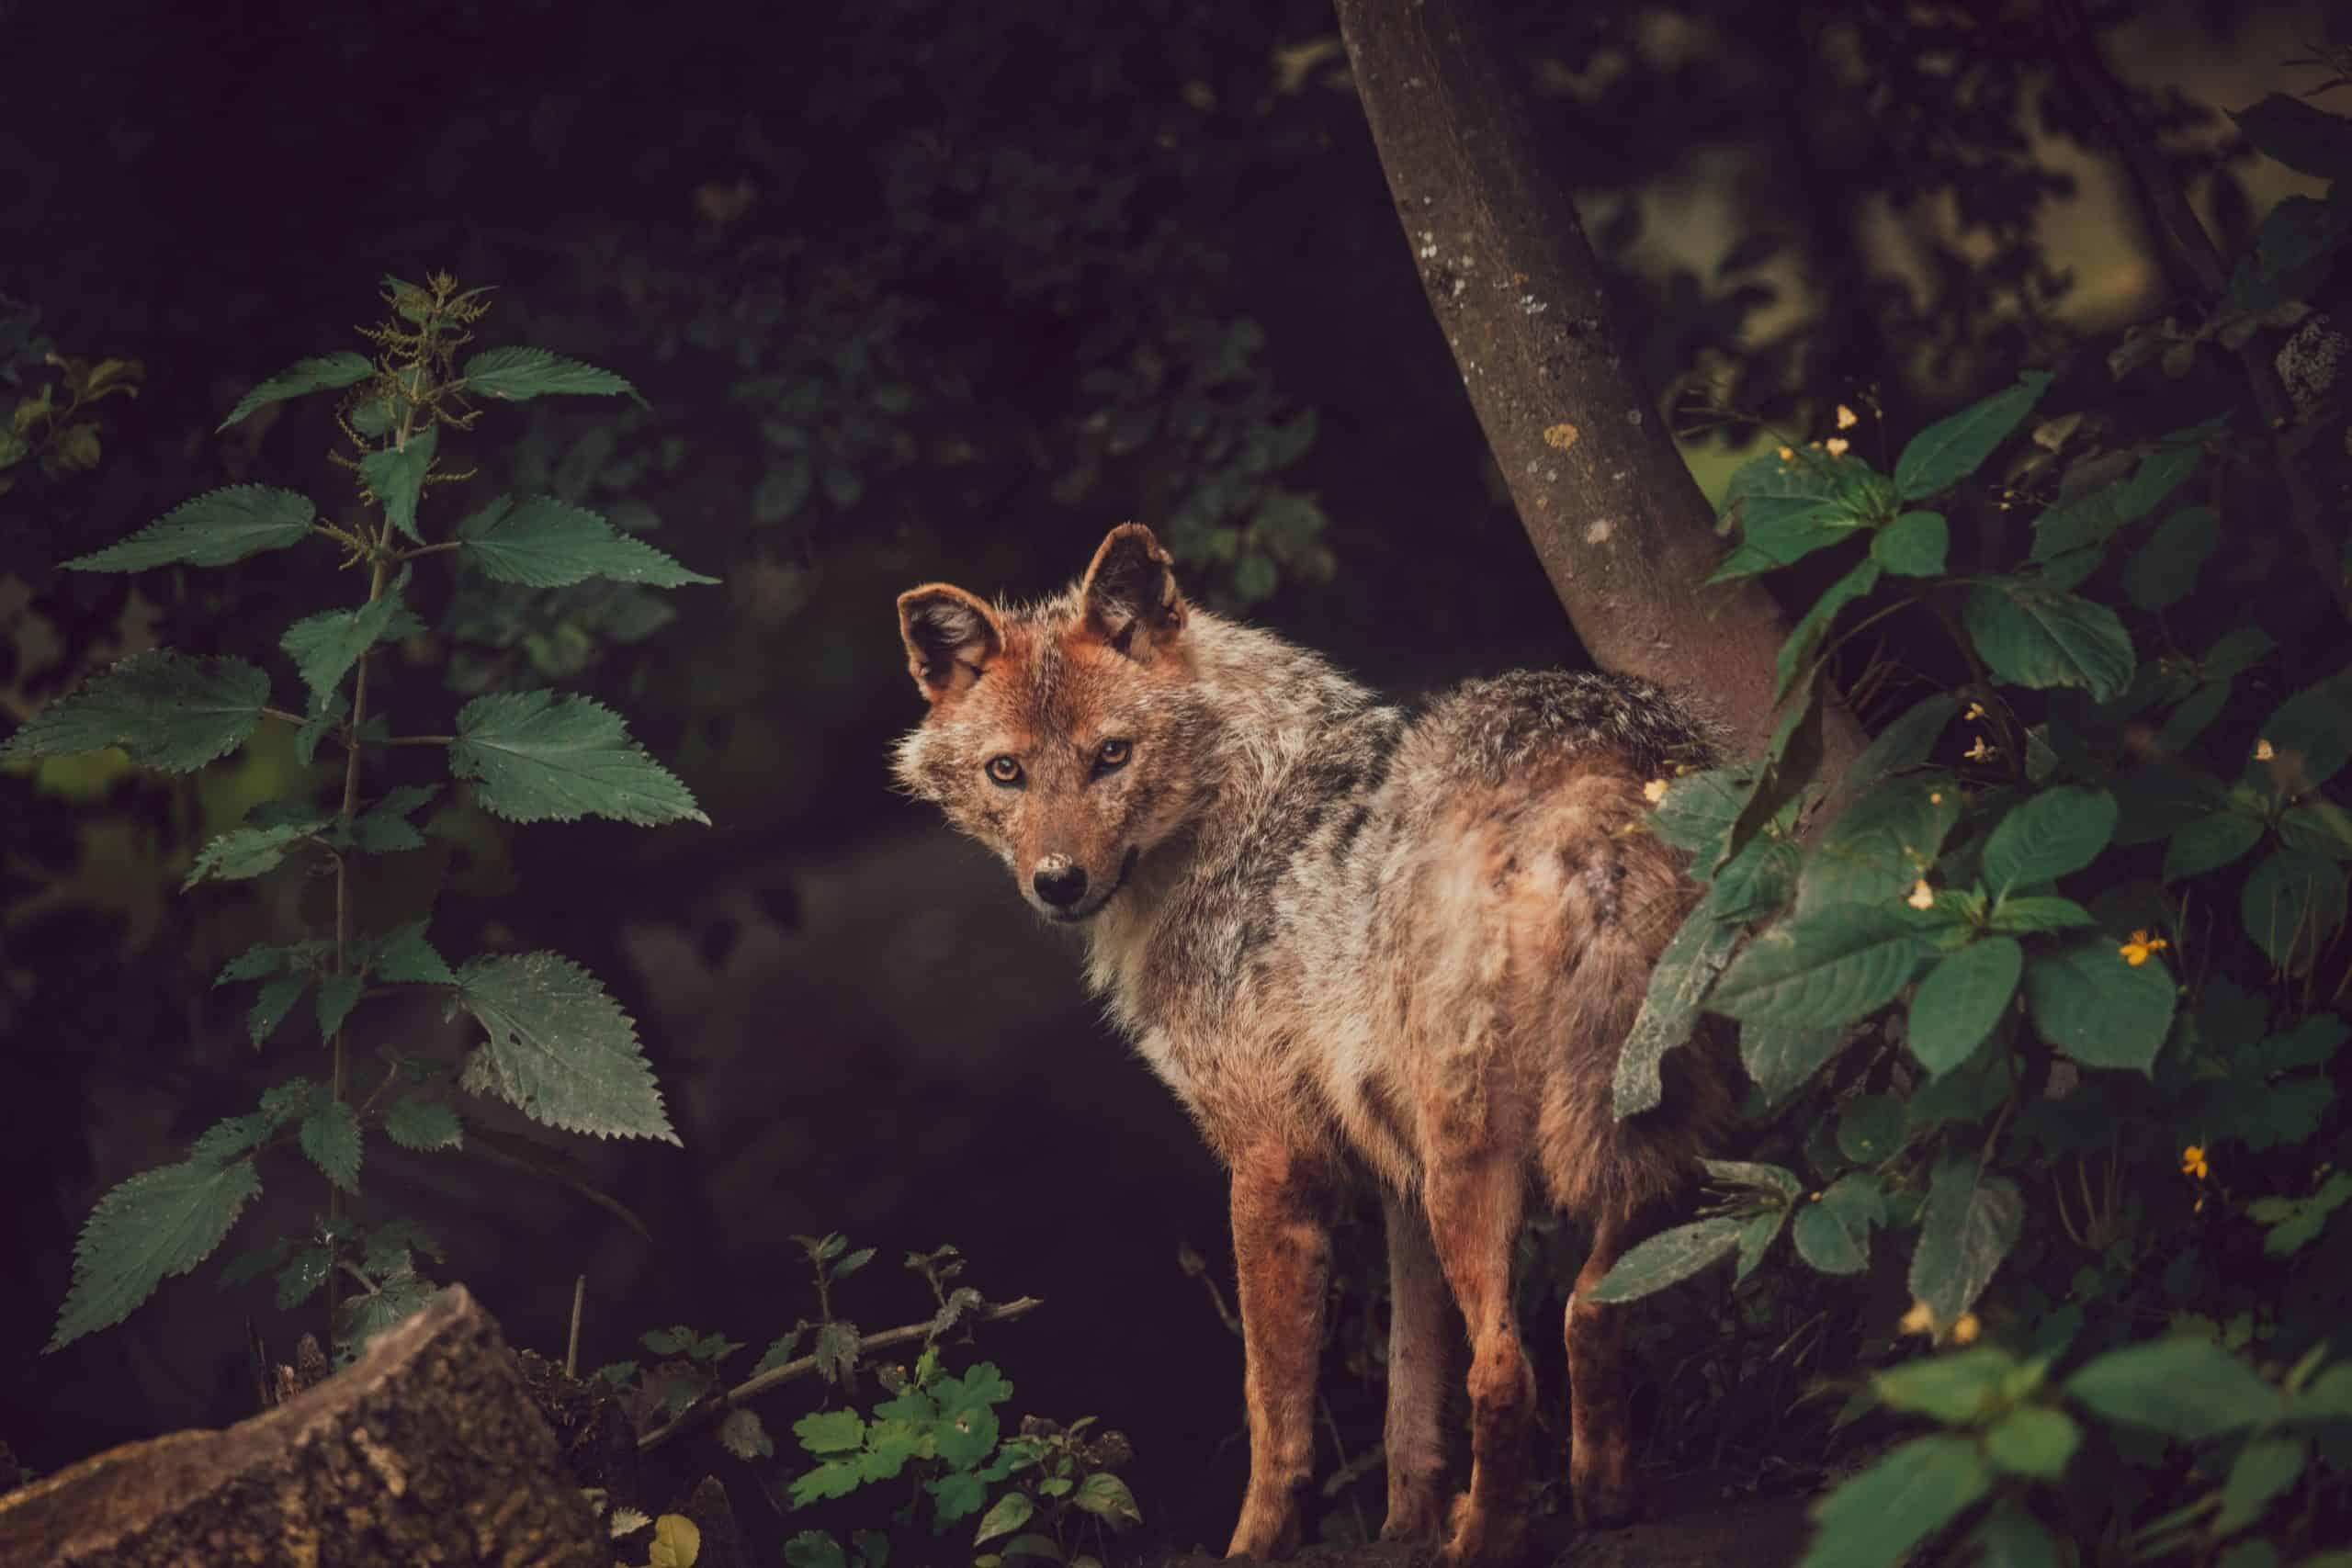 Schakal im Tierpark Rosegg in Kärnten - Ausflugsziel in Österreich